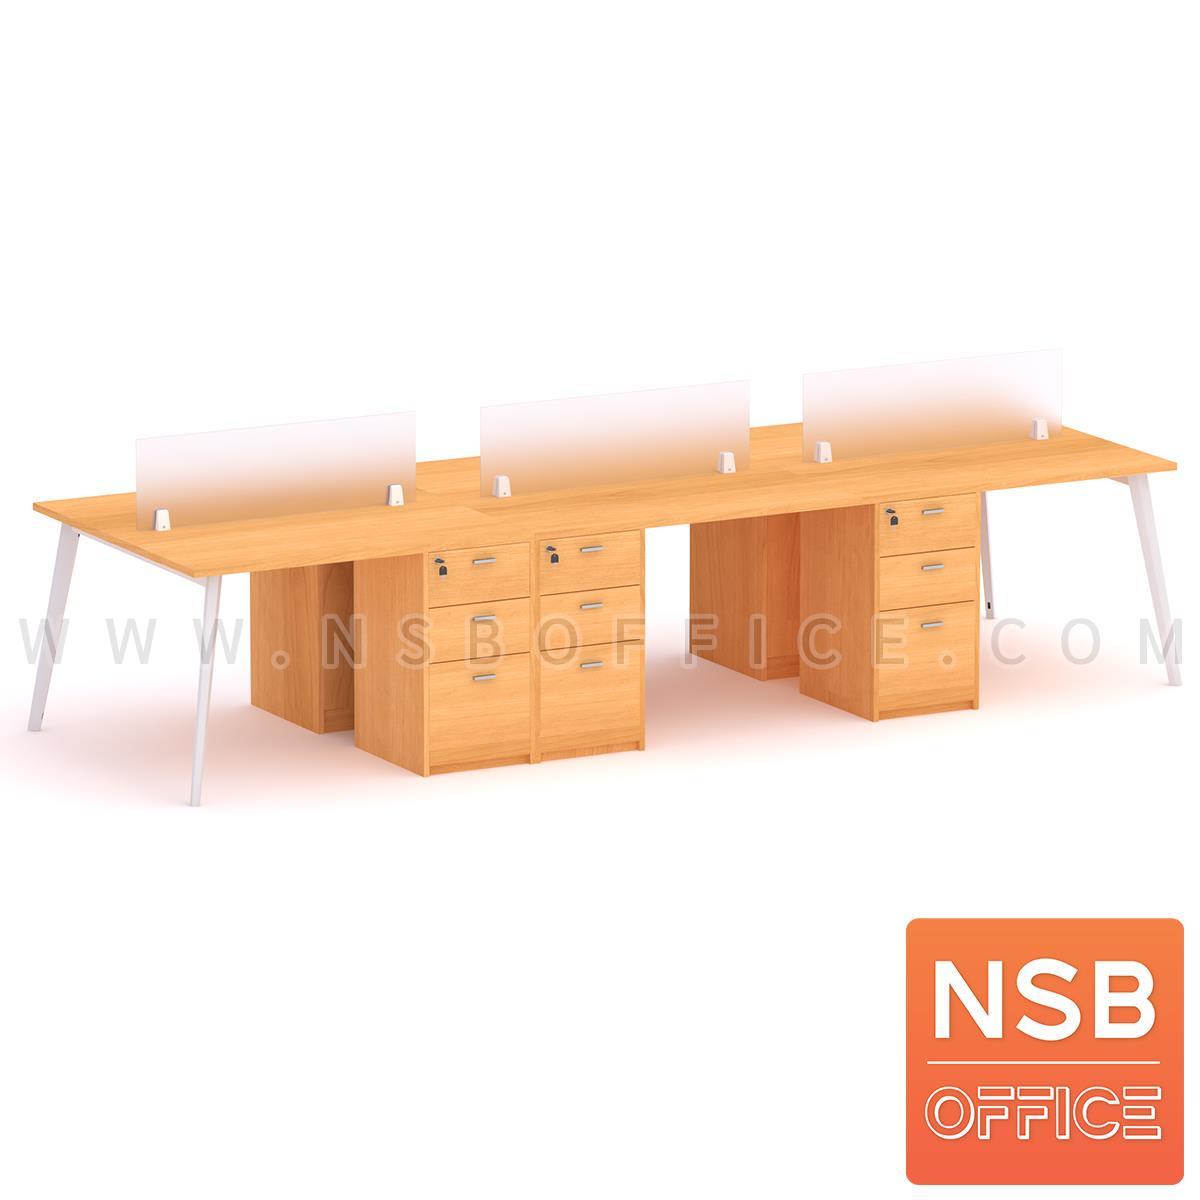 ชุดโต๊ะทำงานกลุ่ม รุ่น Outer (เอ็าเทอร์) 2, 4, 6 ที่นั่ง  พร้อมมินิสกรีนและตู้ลิ้นชักไม้